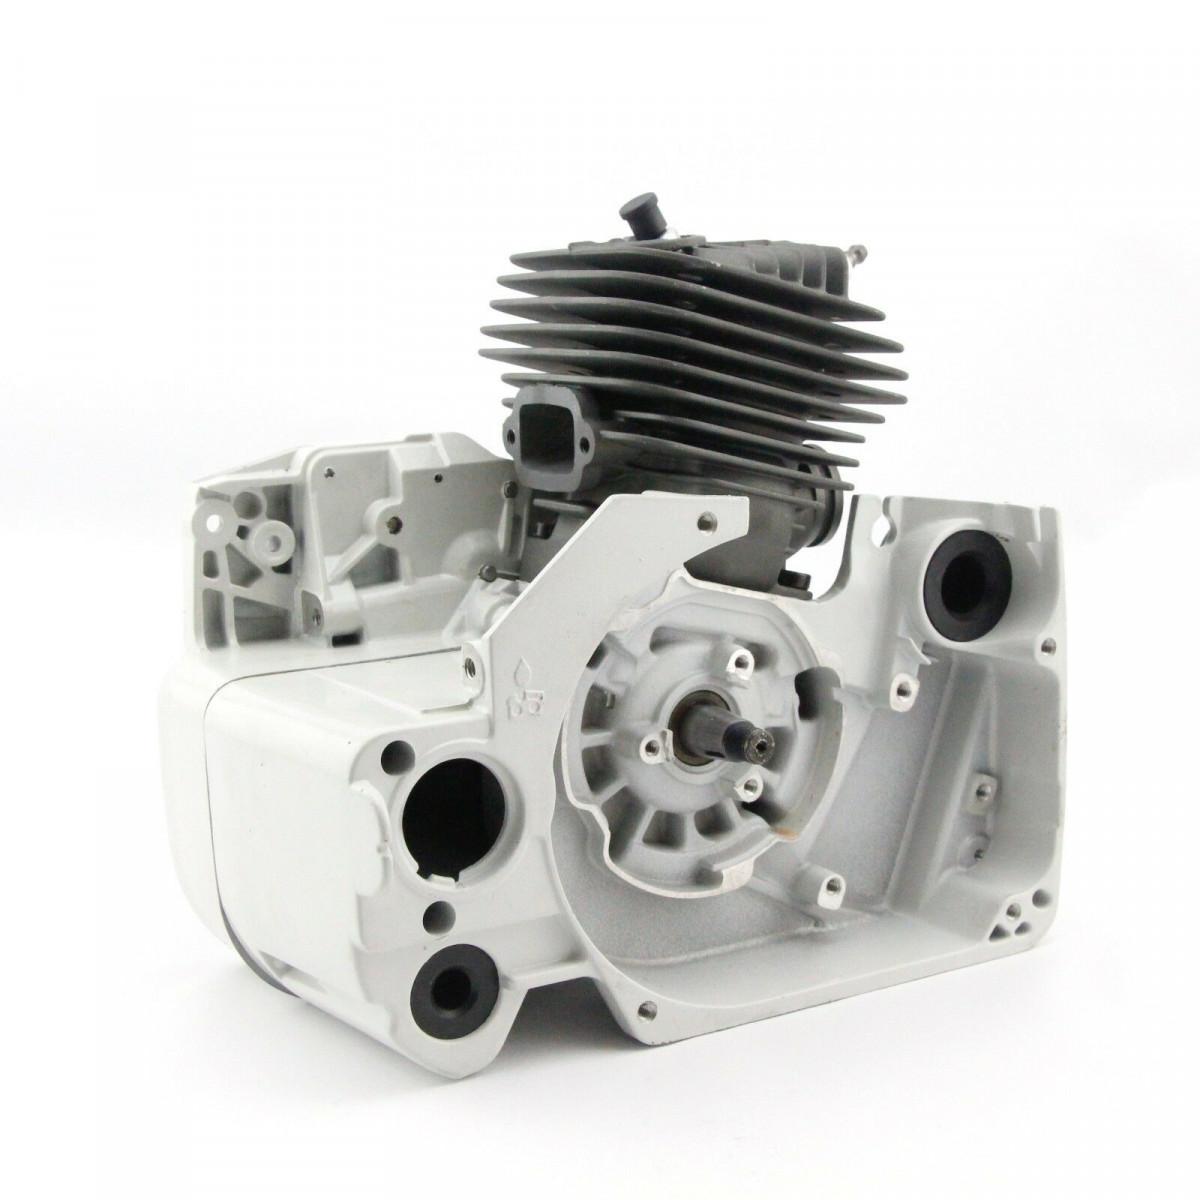 Polomotor Stihl MS660, 066 + kliková skříň AKCE sleva 2500 Kč